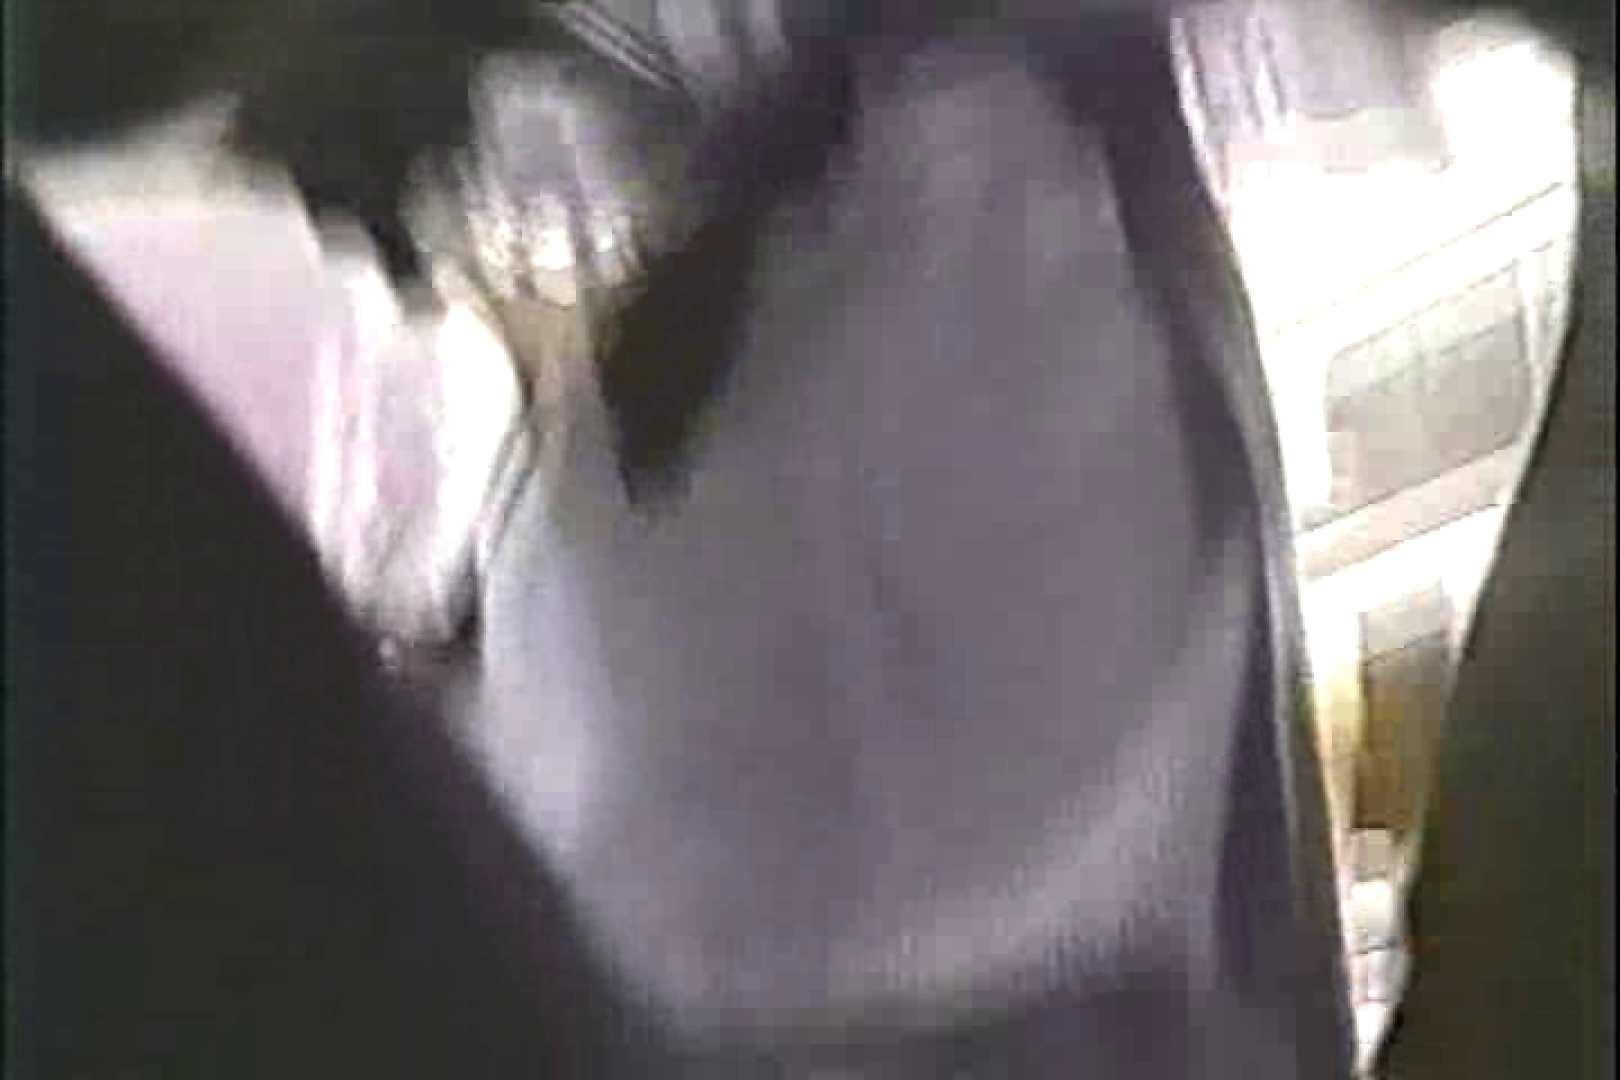 「ちくりん」さんのオリジナル未編集パンチラVol.3_01 新入生パンチラ   お姉さん丸裸  101pic 55